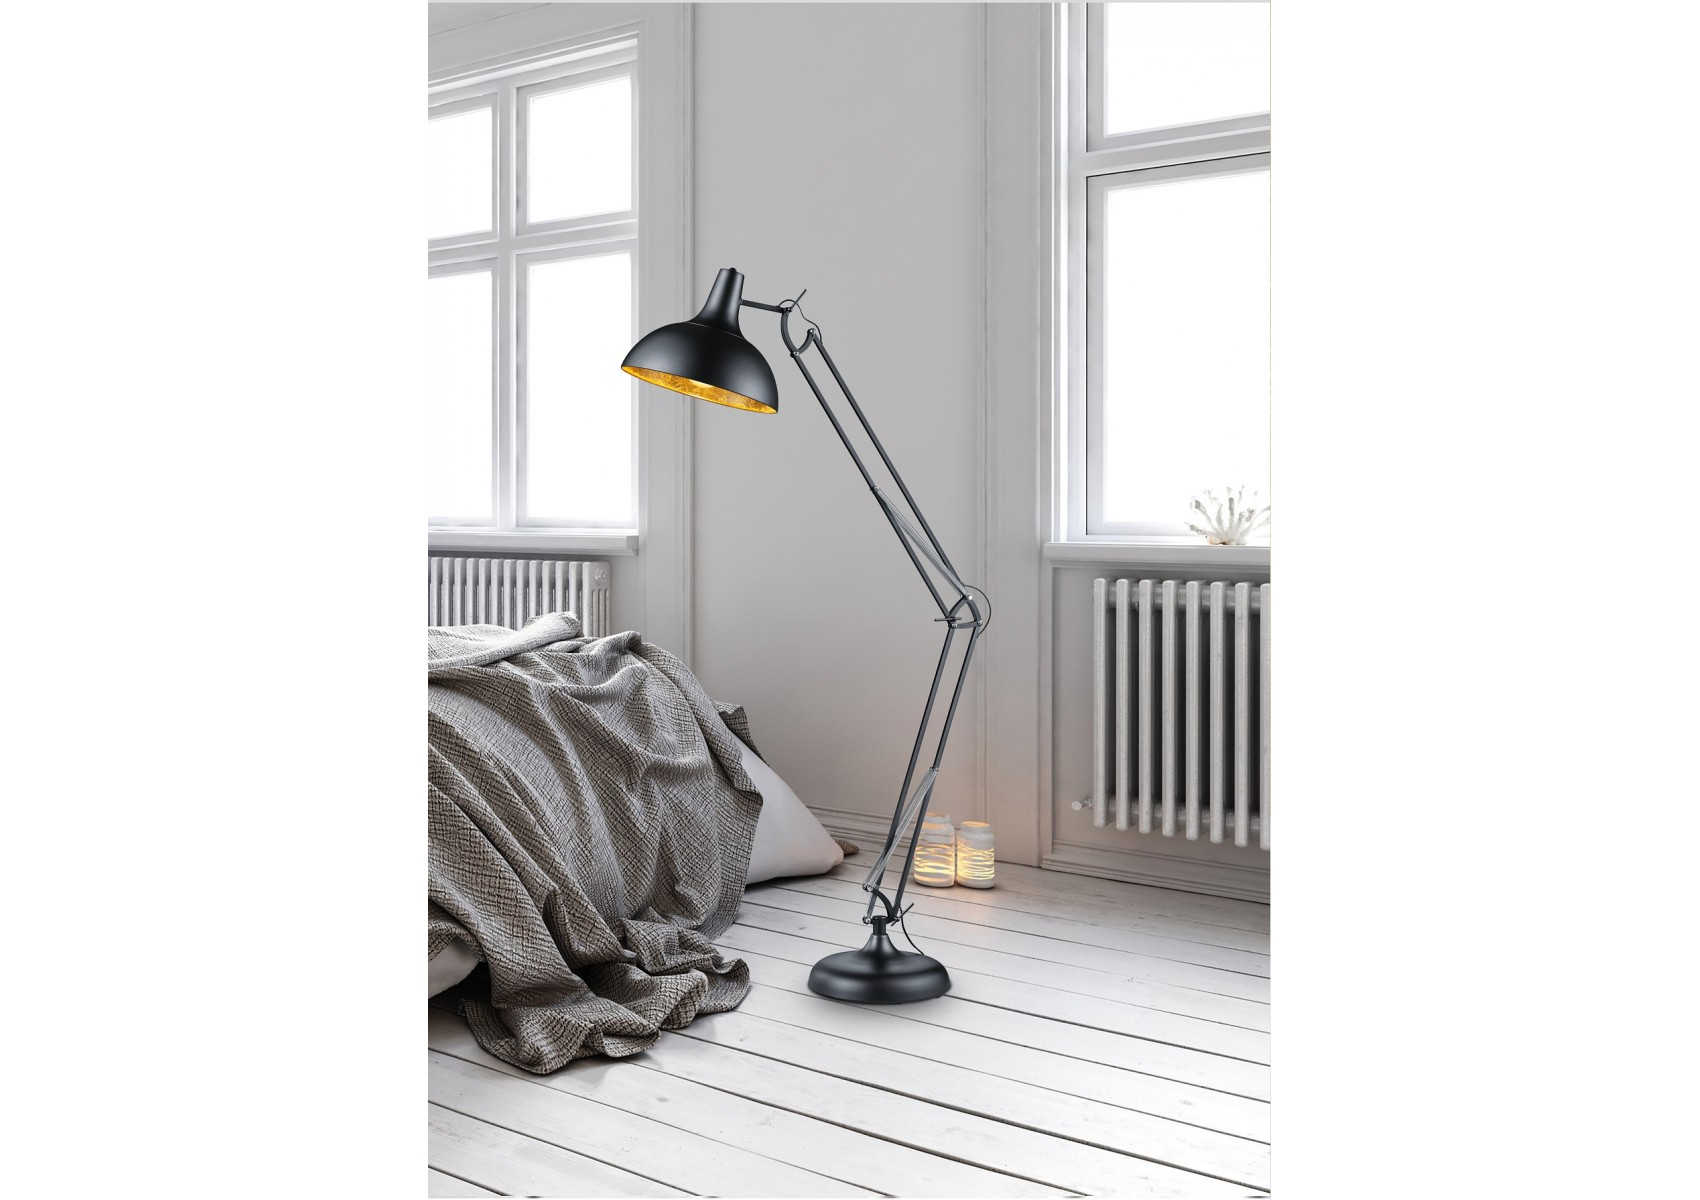 lampadaire salvador une lampe de bureau g ante noir mat et or. Black Bedroom Furniture Sets. Home Design Ideas